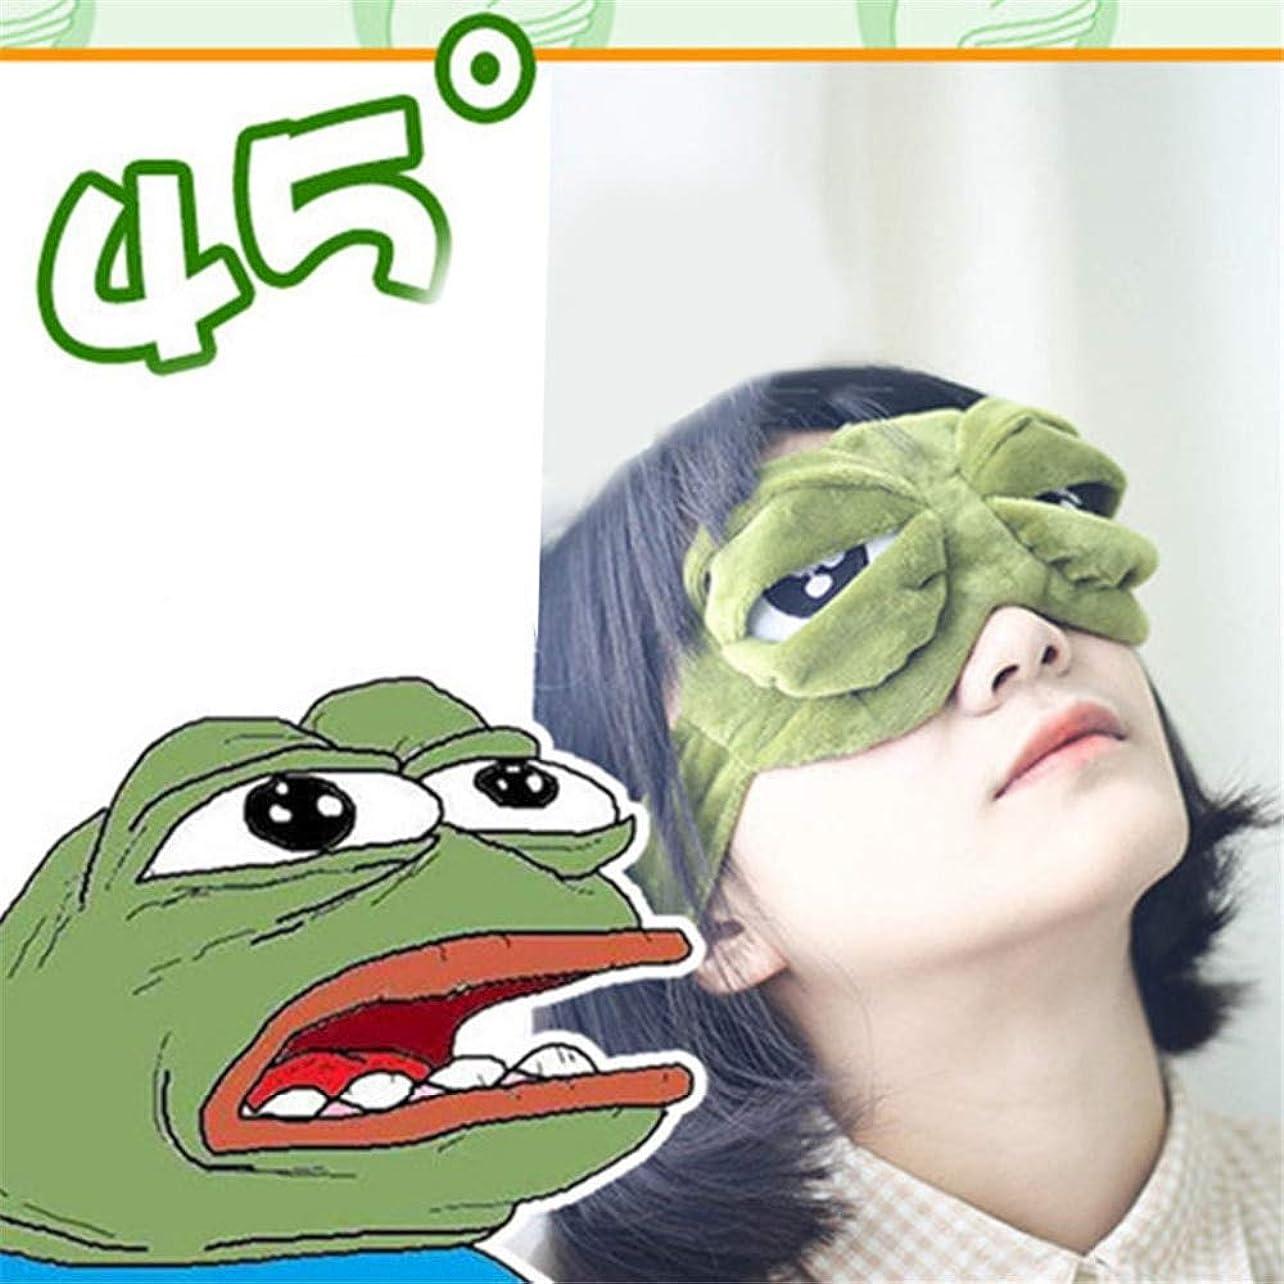 銀ヘビーキャップNOTE 3d悲しいカエル睡眠マスクかわいい休息旅行リラックス睡眠補助薬目隠しアイスカバーアイパッチ睡眠マスクアニメコスプレ衣装